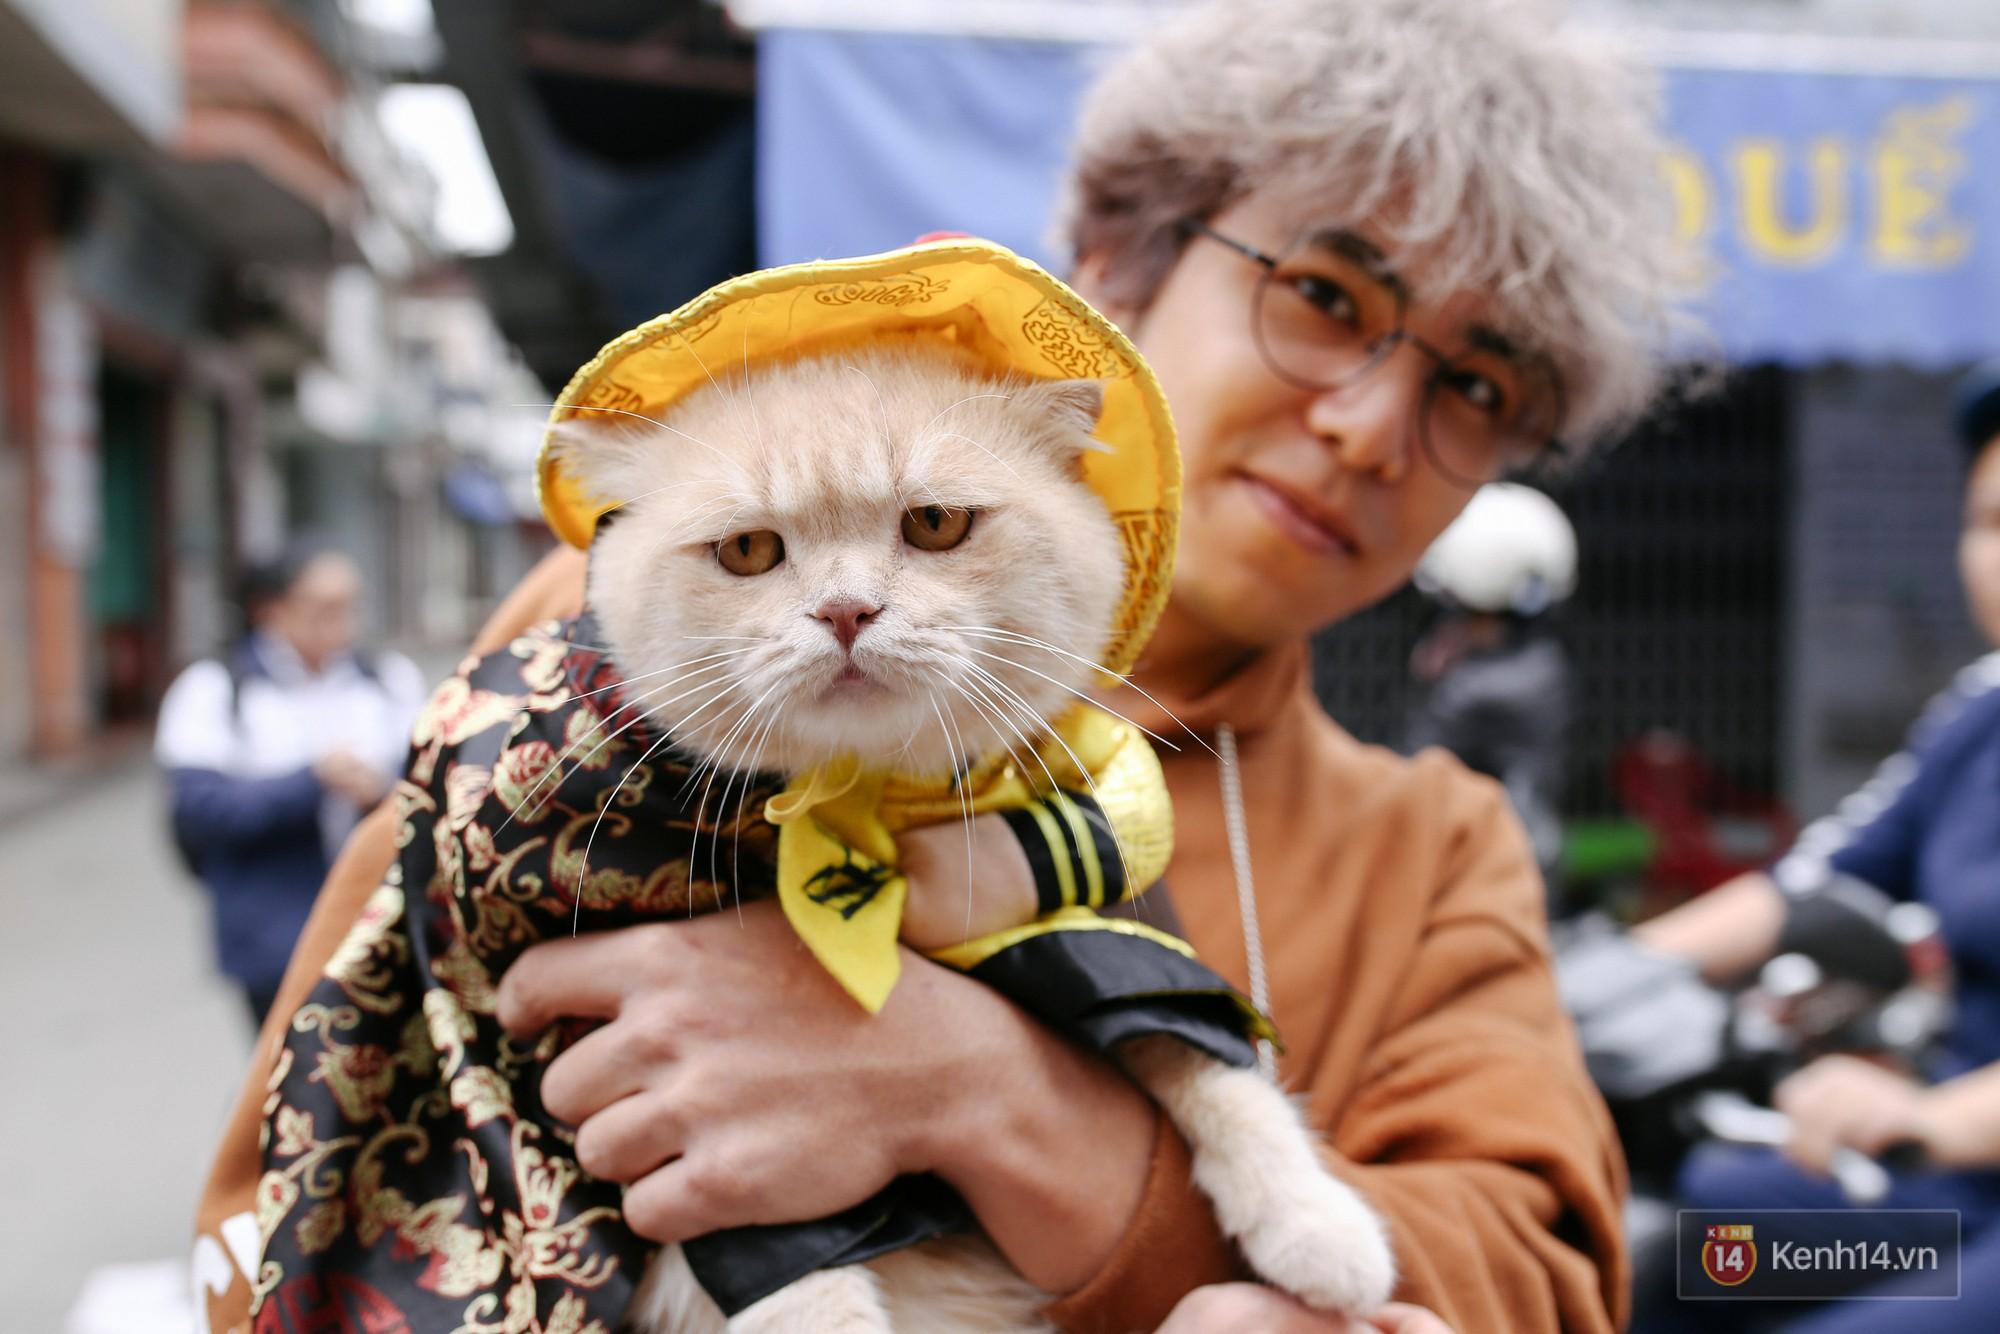 """Về Hải Phòng """"diện kiến"""" chú mèo tên Chó và cậu chủ siêu cute đang nổi danh khắp MXH tây ta - Ảnh 3."""